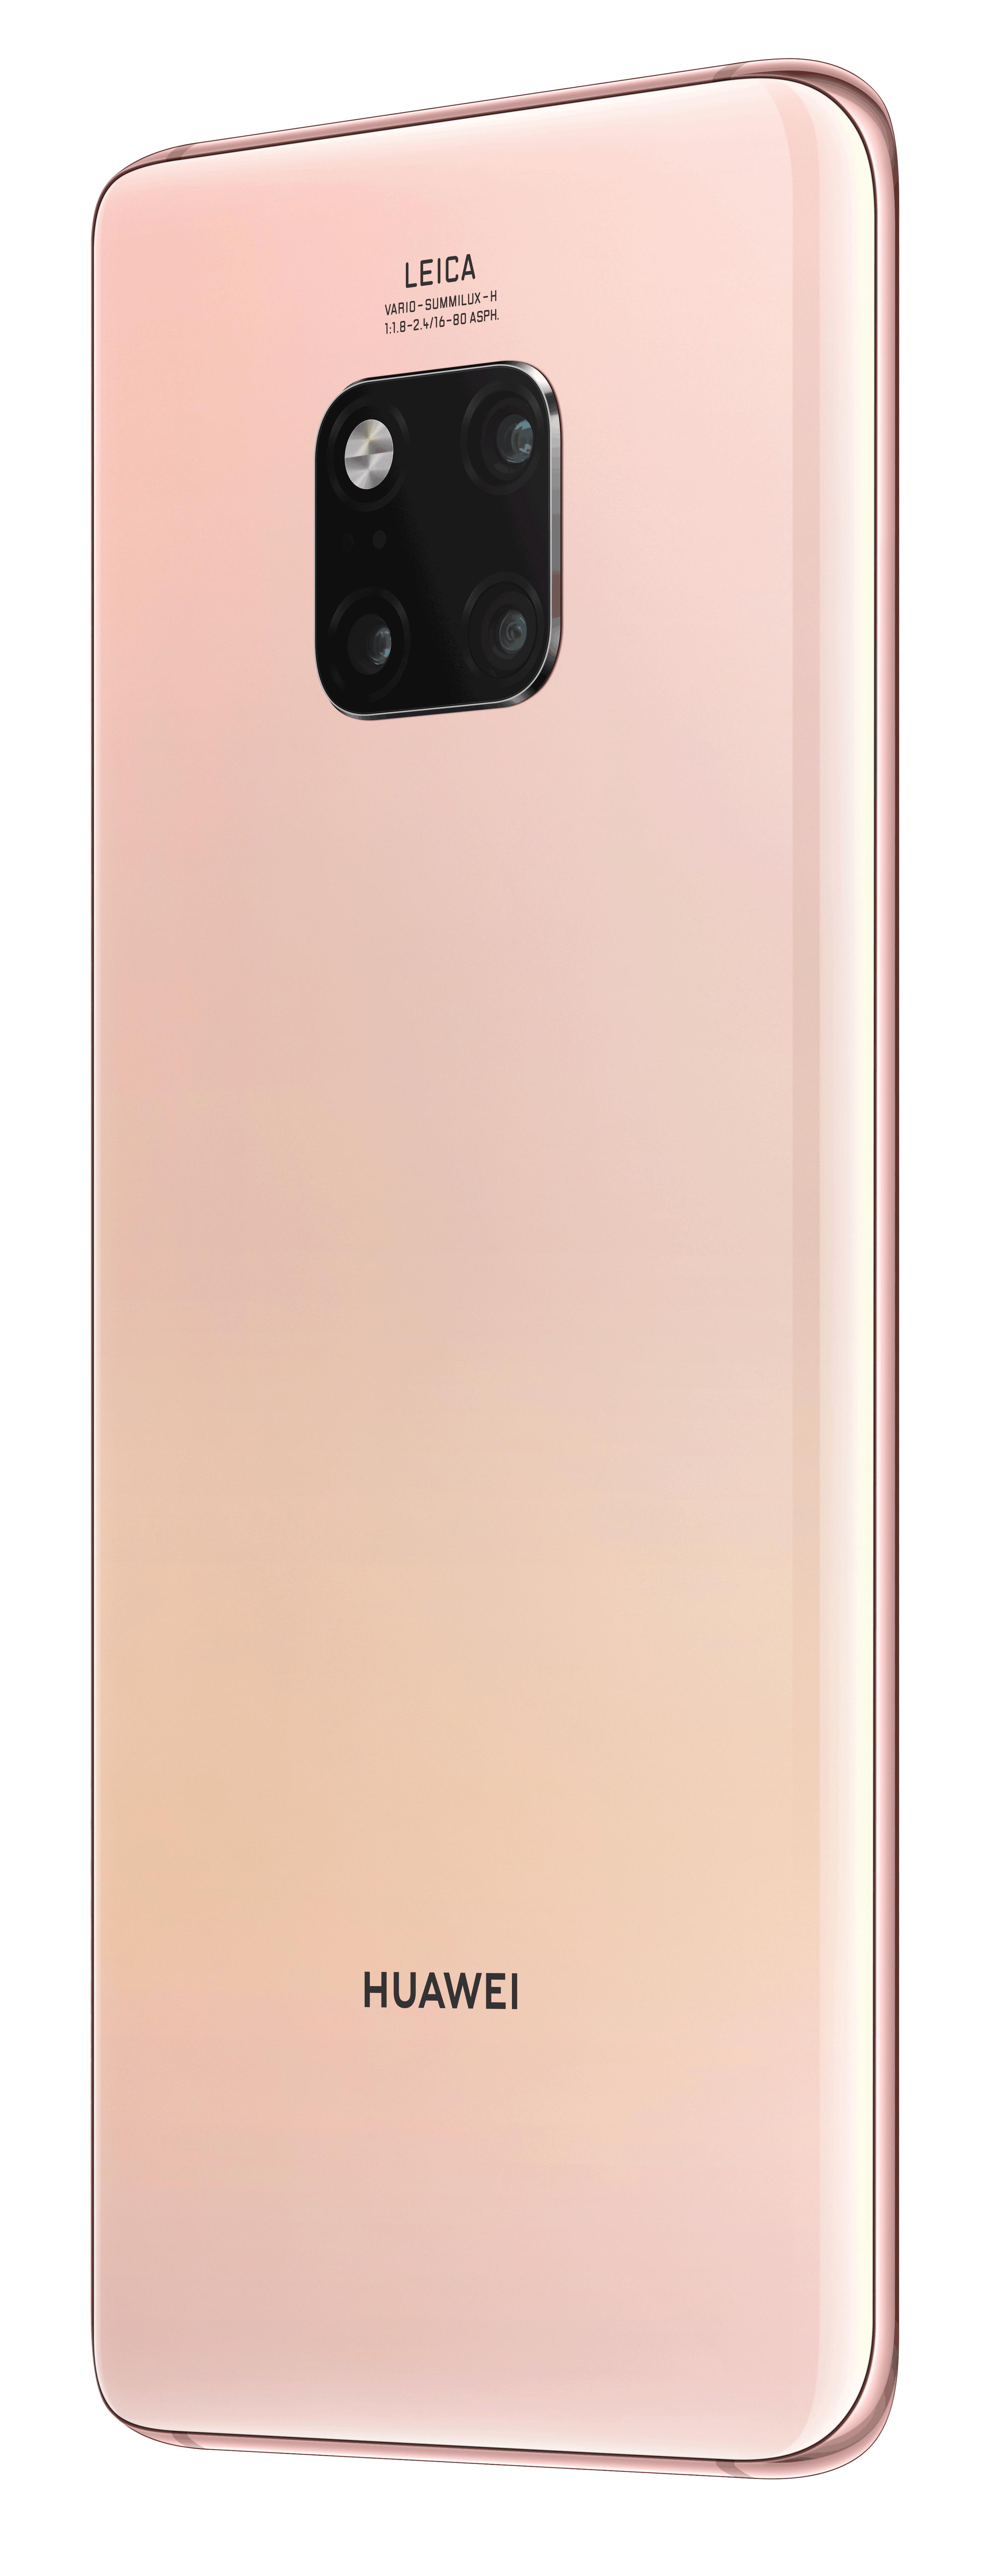 Case Skin for the Official Raspberry Pi Case Matt Pink